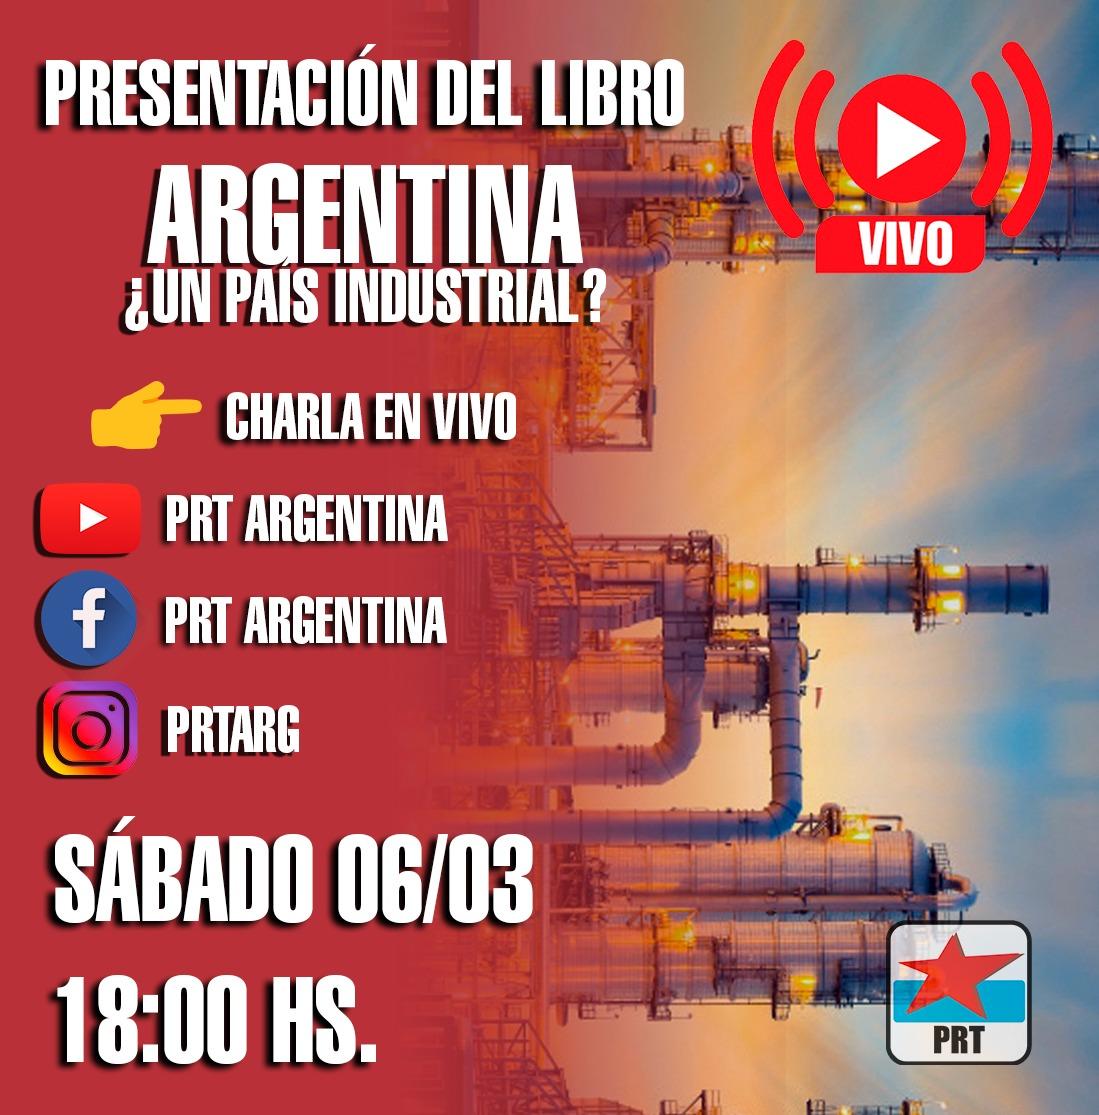 Presentación del libro: Argentina ¿un país industrial?